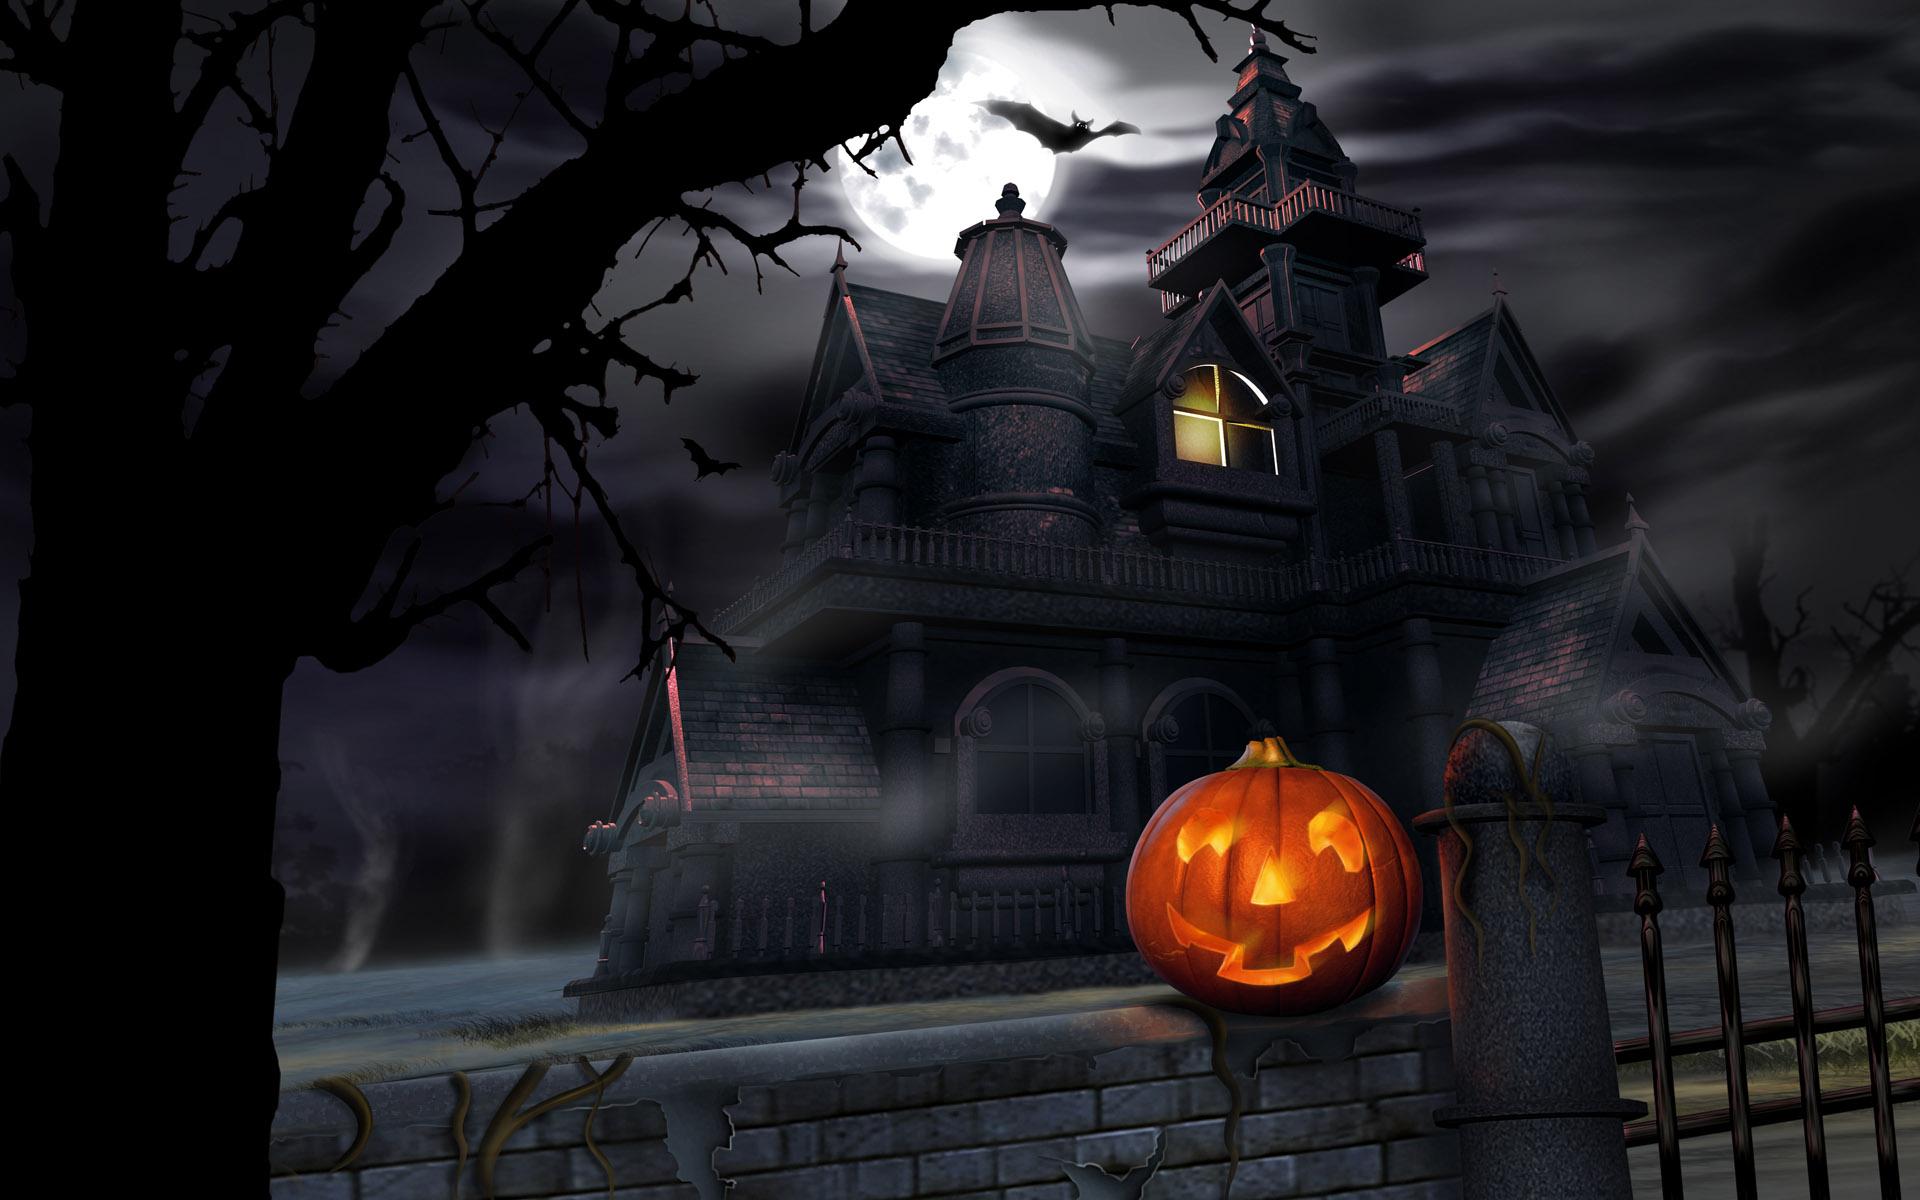 wallpapers screensavers wallpaper halloween house pumpkin 1920x1200 1920x1200